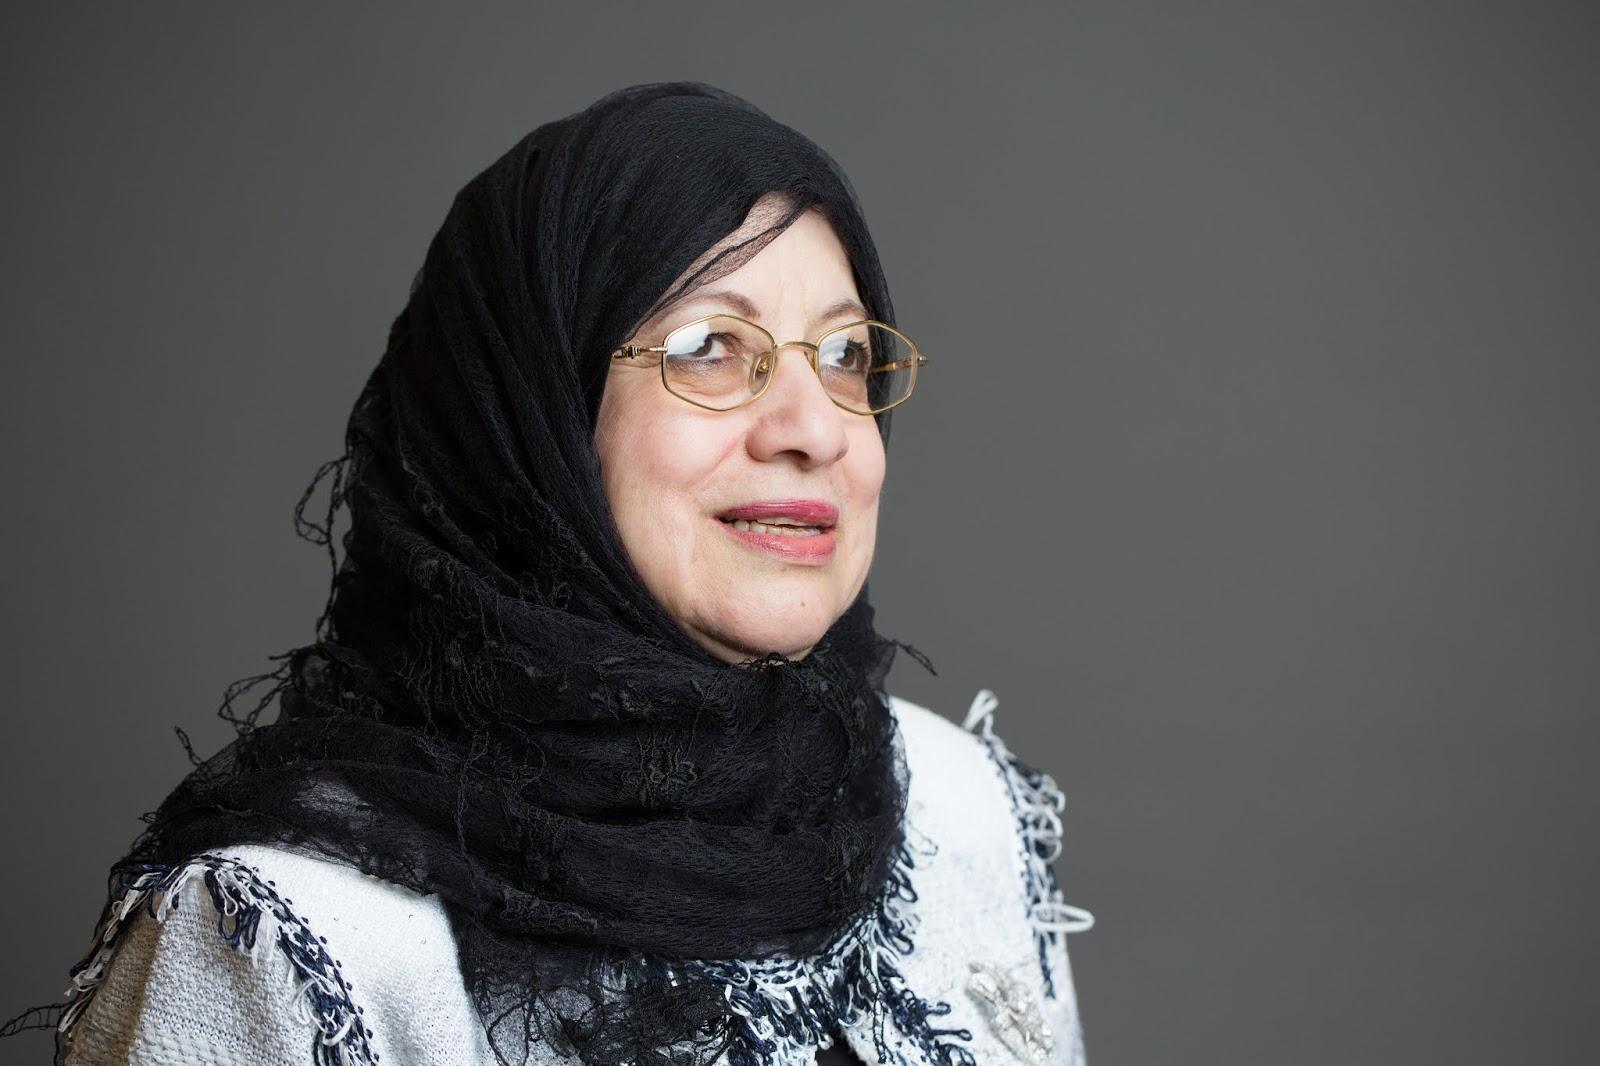 تكريم الإسلام للمرأة وخطورة الاختلاط في مناهجنا الدراسية(3)